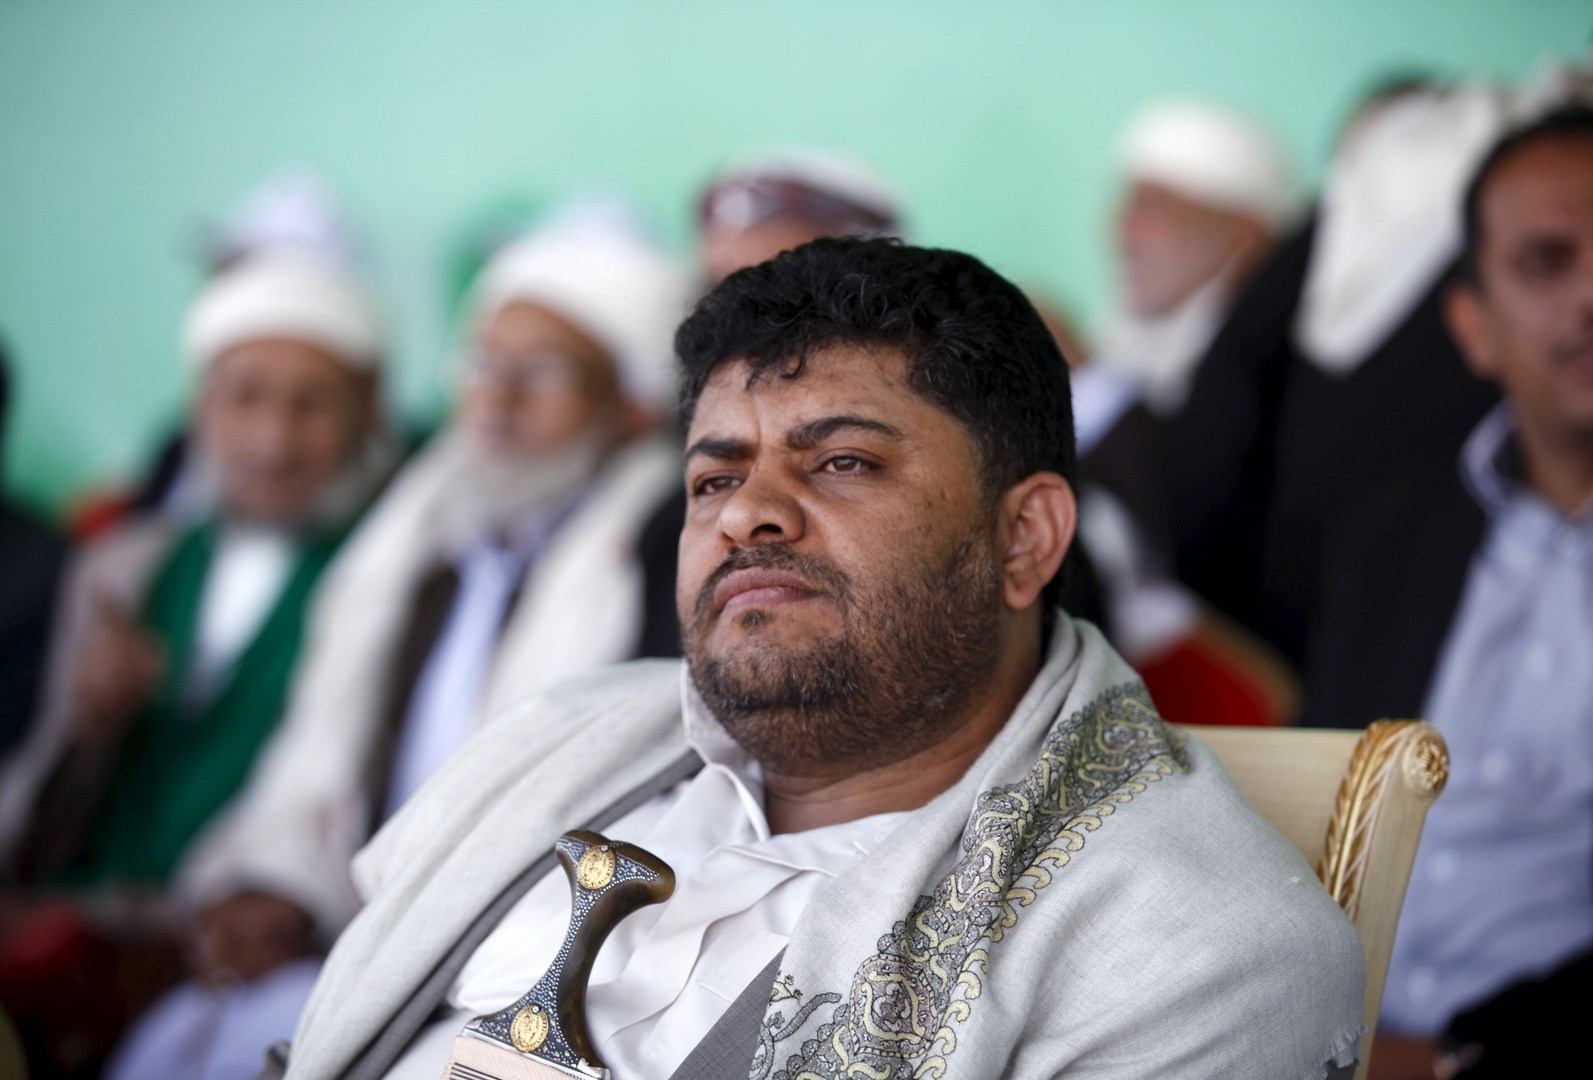 الحوثي: منع دول العدوان دخول سفن المشتقات النفطية هو إرهاب لشعب بأكمله